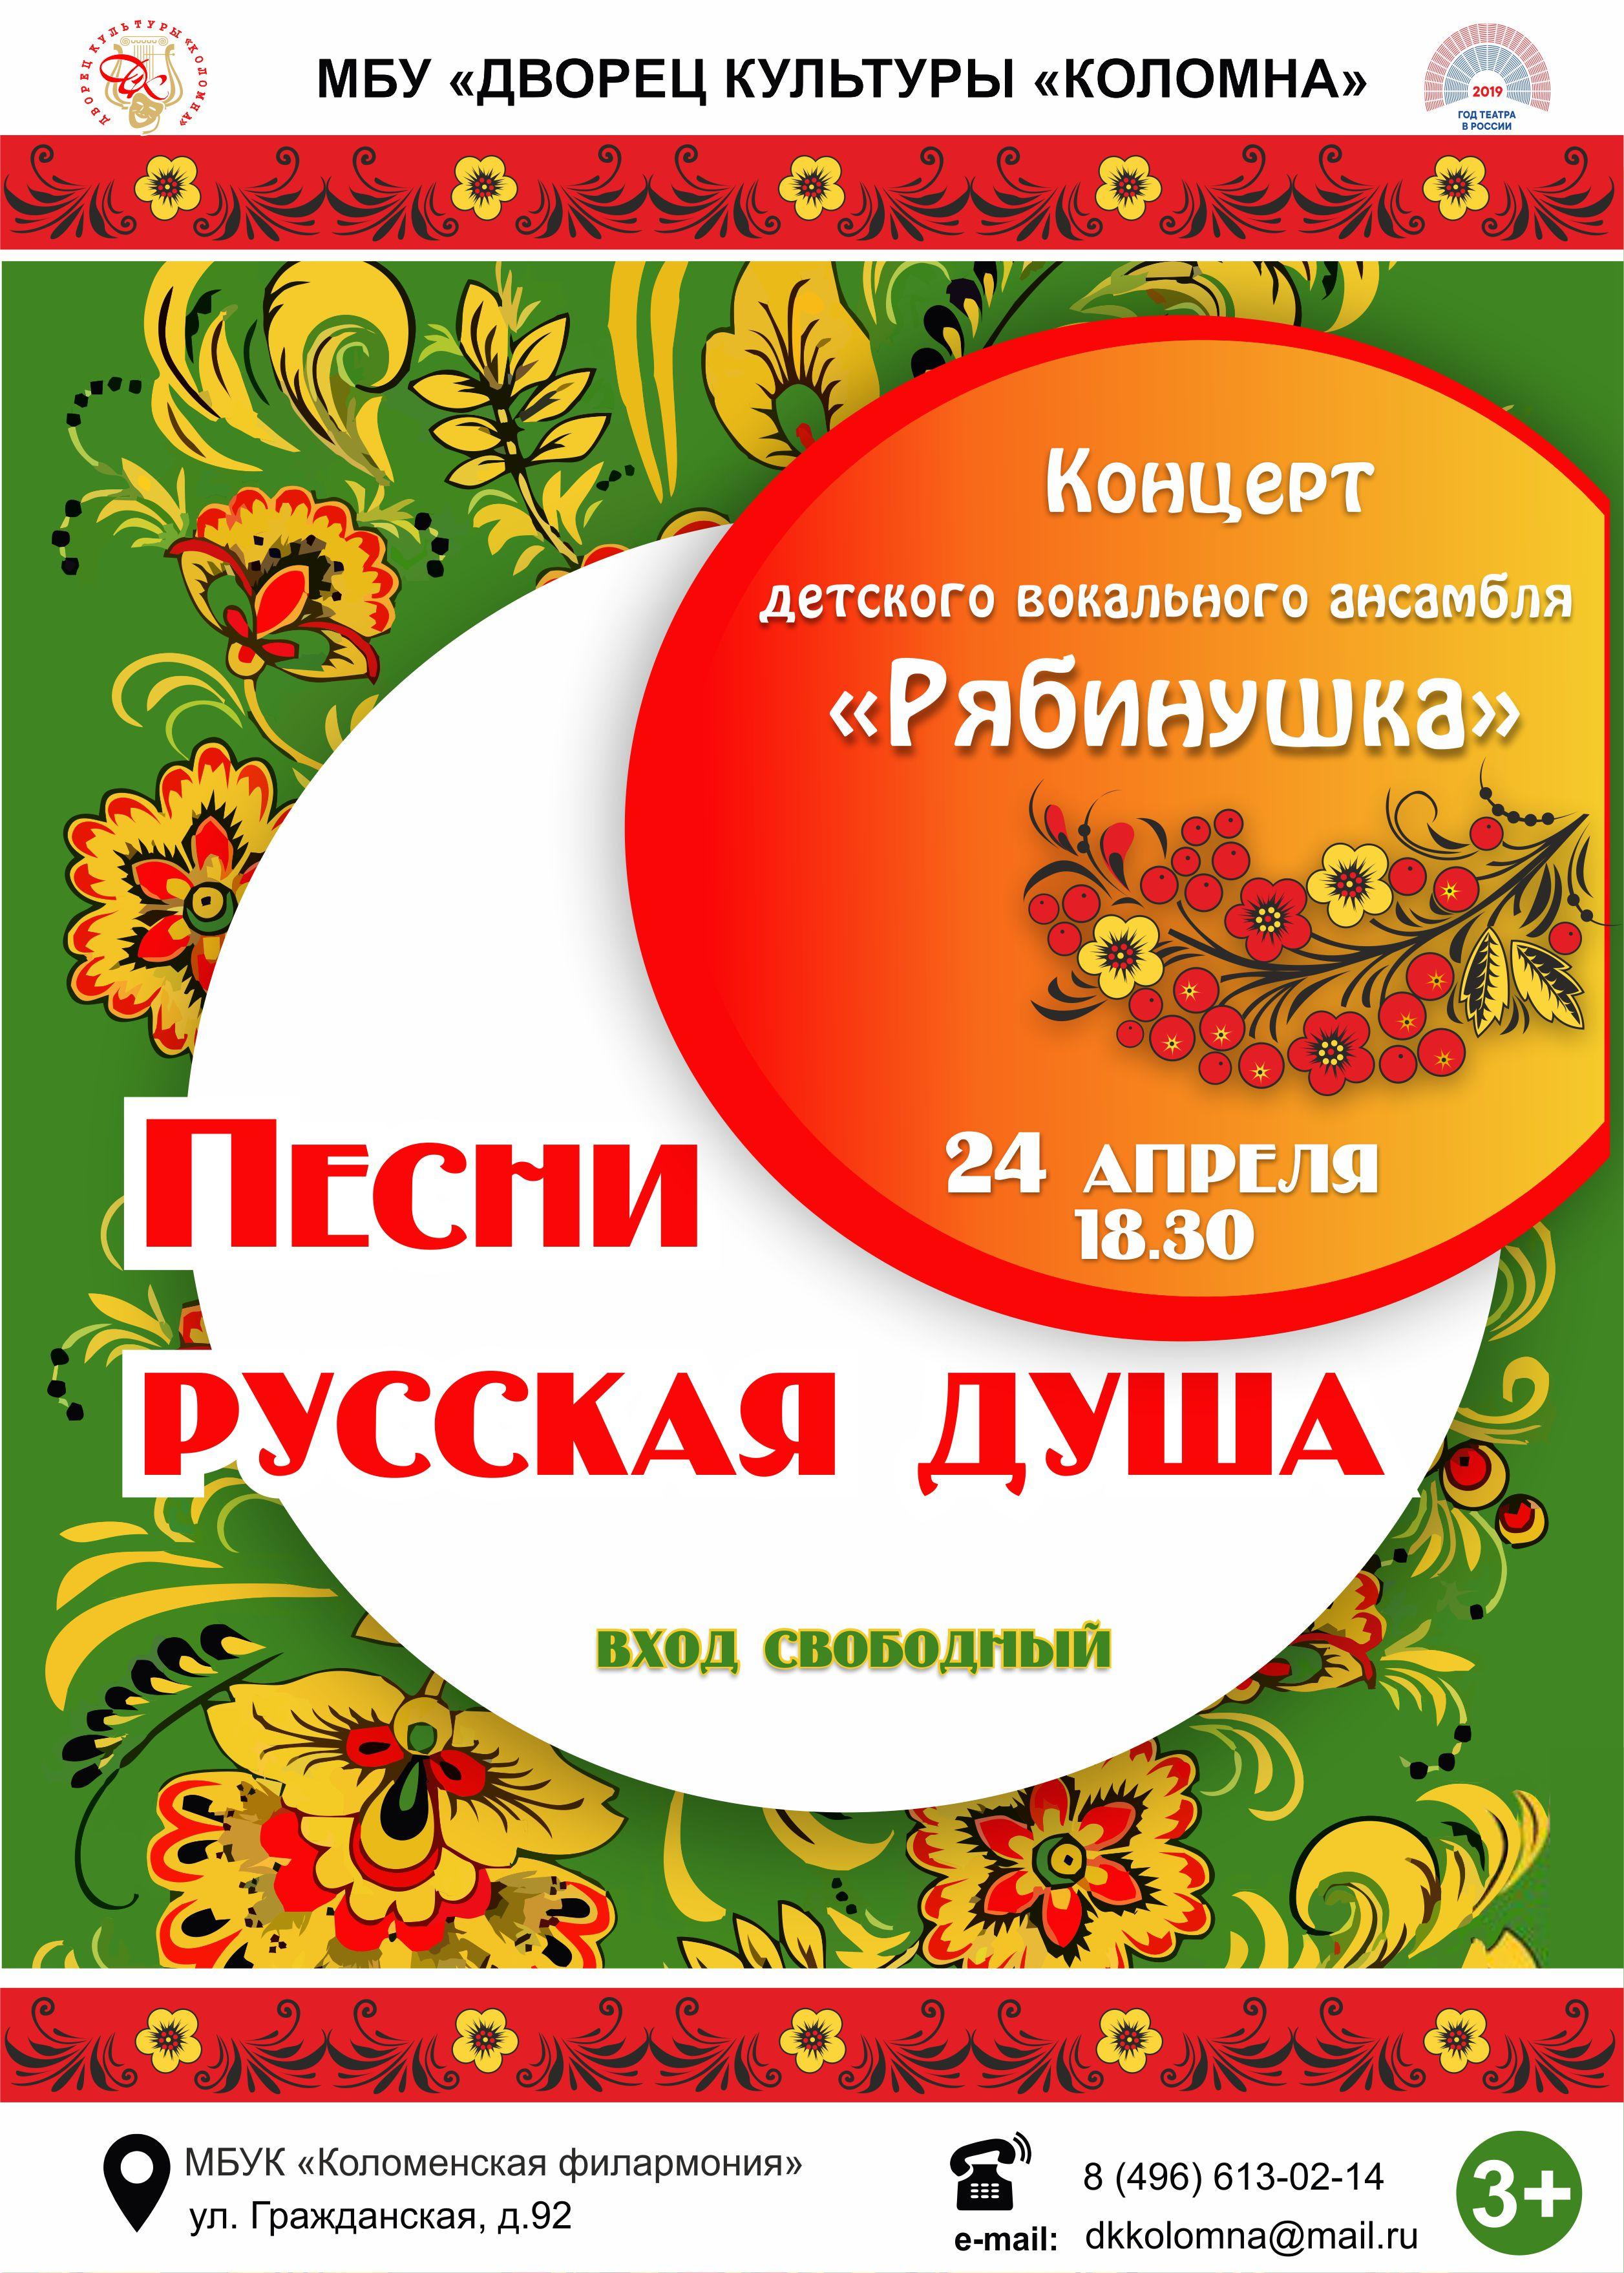 Дворец Культуры «Коломна» приглашает всех желающих посетить концерт «Песни русская душа» Детского вокального ансамбля «Рябинушка»